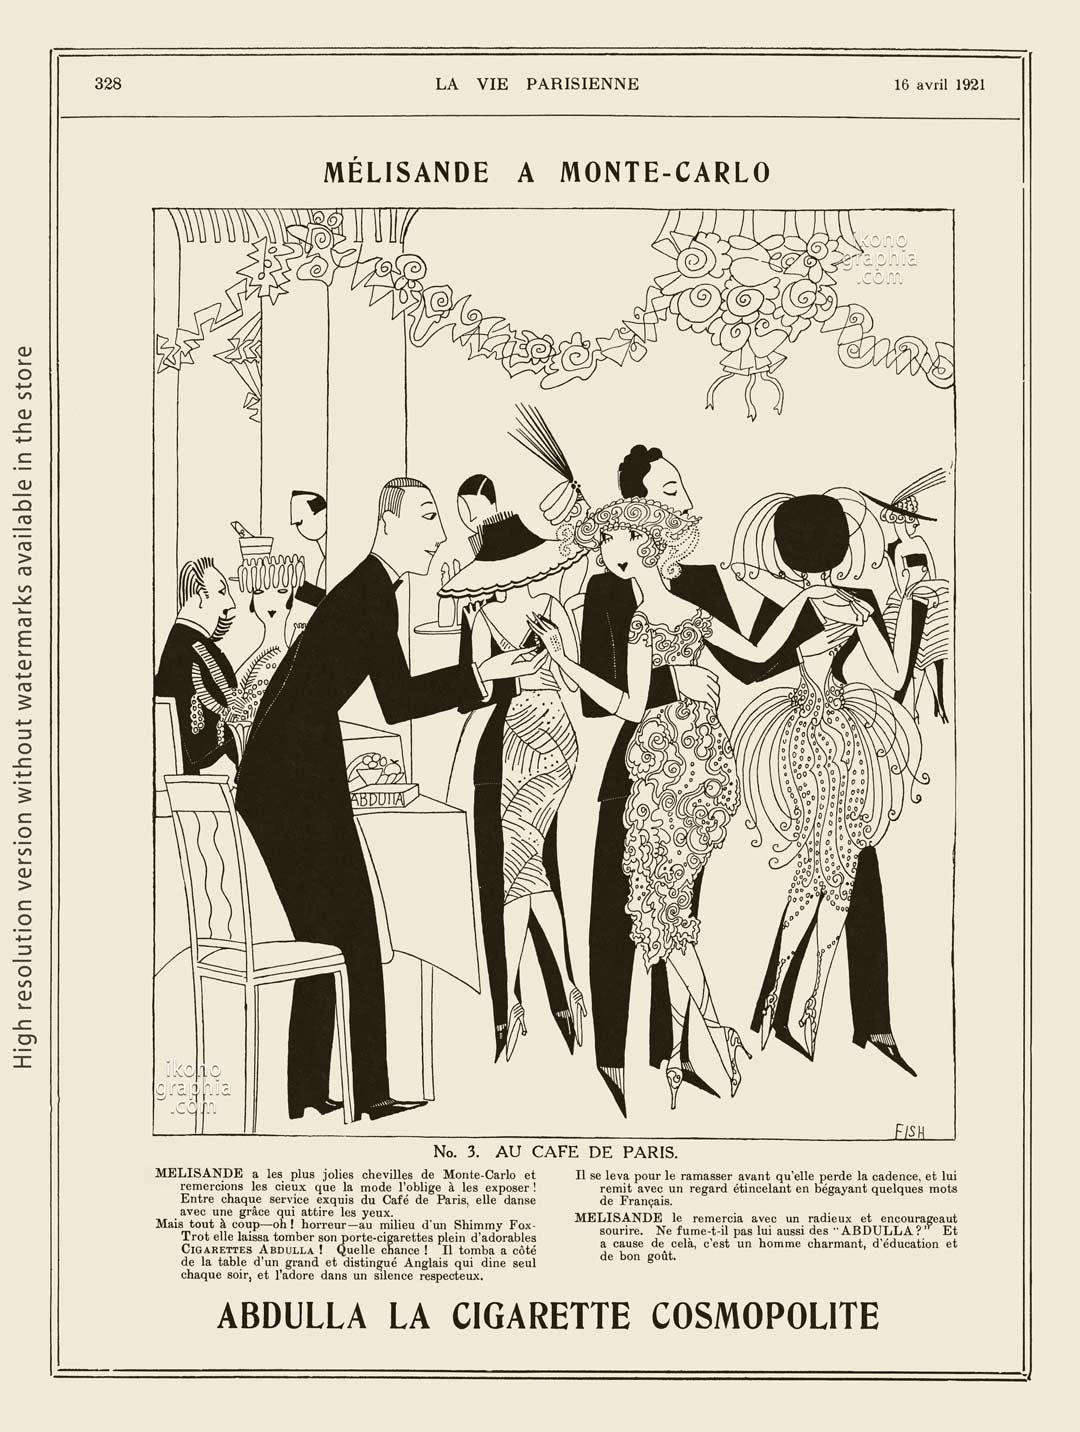 Abdulla Cigarettes Ad - Melisande at Montecarlo. N.3 AU CAFE DE PARIS. La Vie Parisienne. April 16, 1921. Artwork by Anne Harriet Fish.